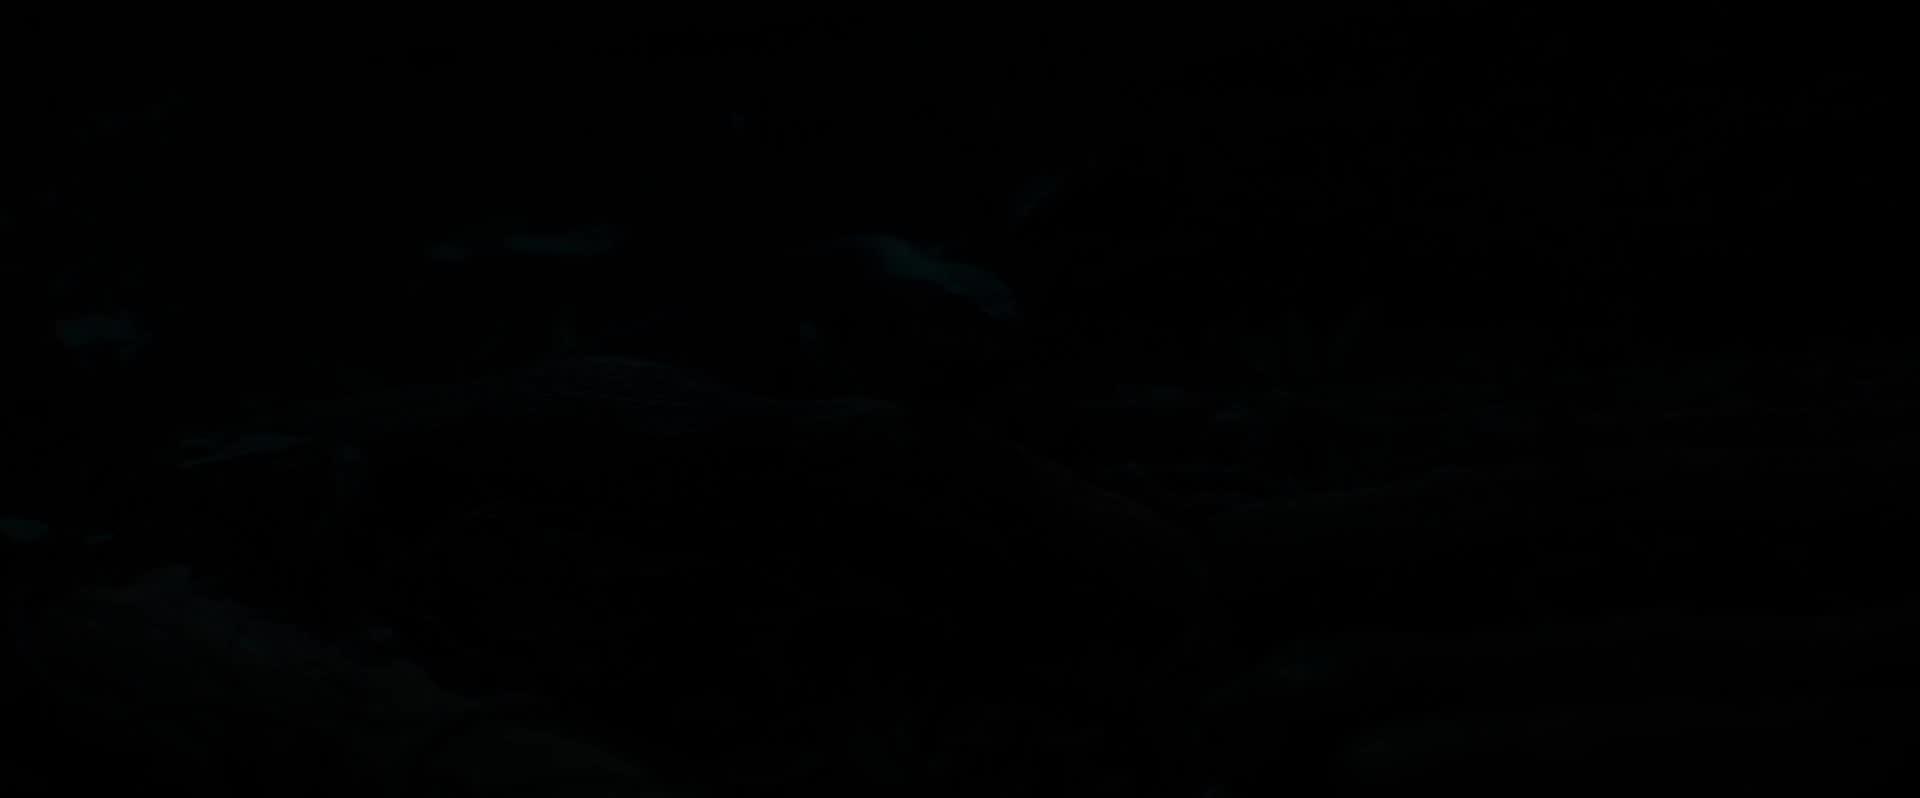 《幻險森林奇航》電影預告